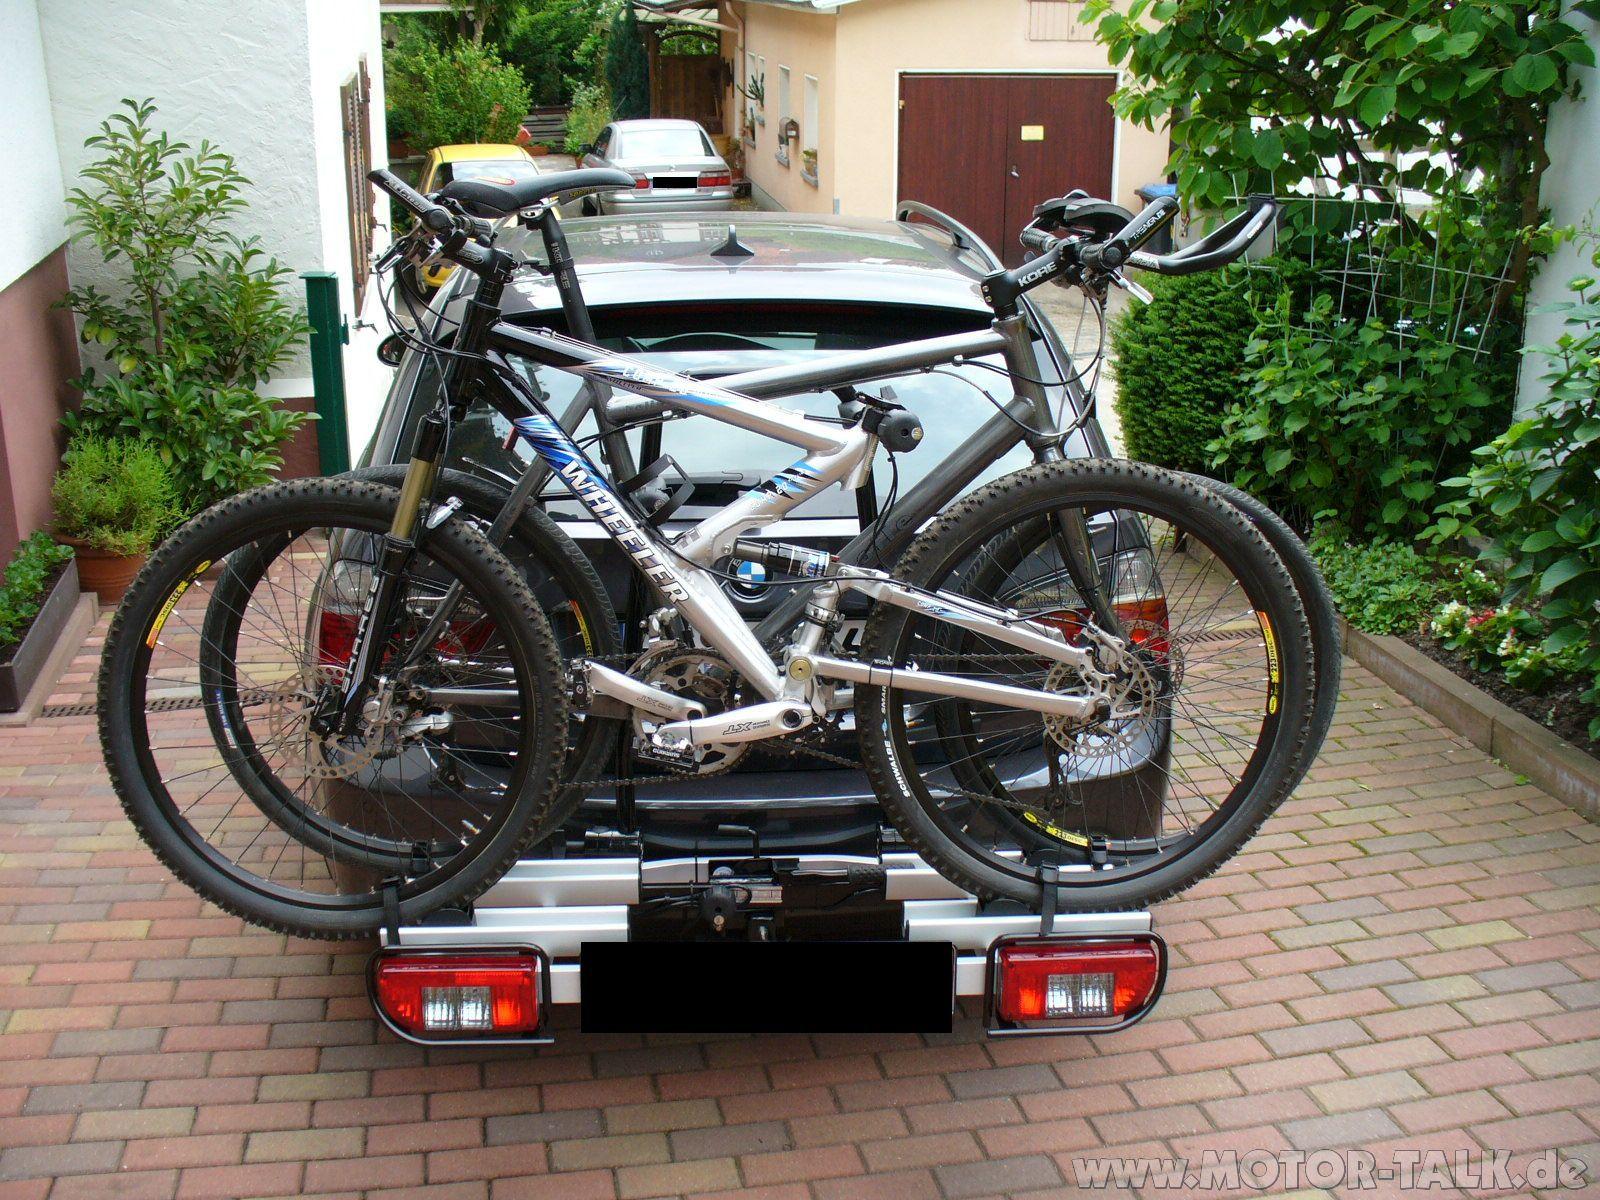 traeger ahk fahrradtr ger f r 3er touring bj 2007 bmw. Black Bedroom Furniture Sets. Home Design Ideas